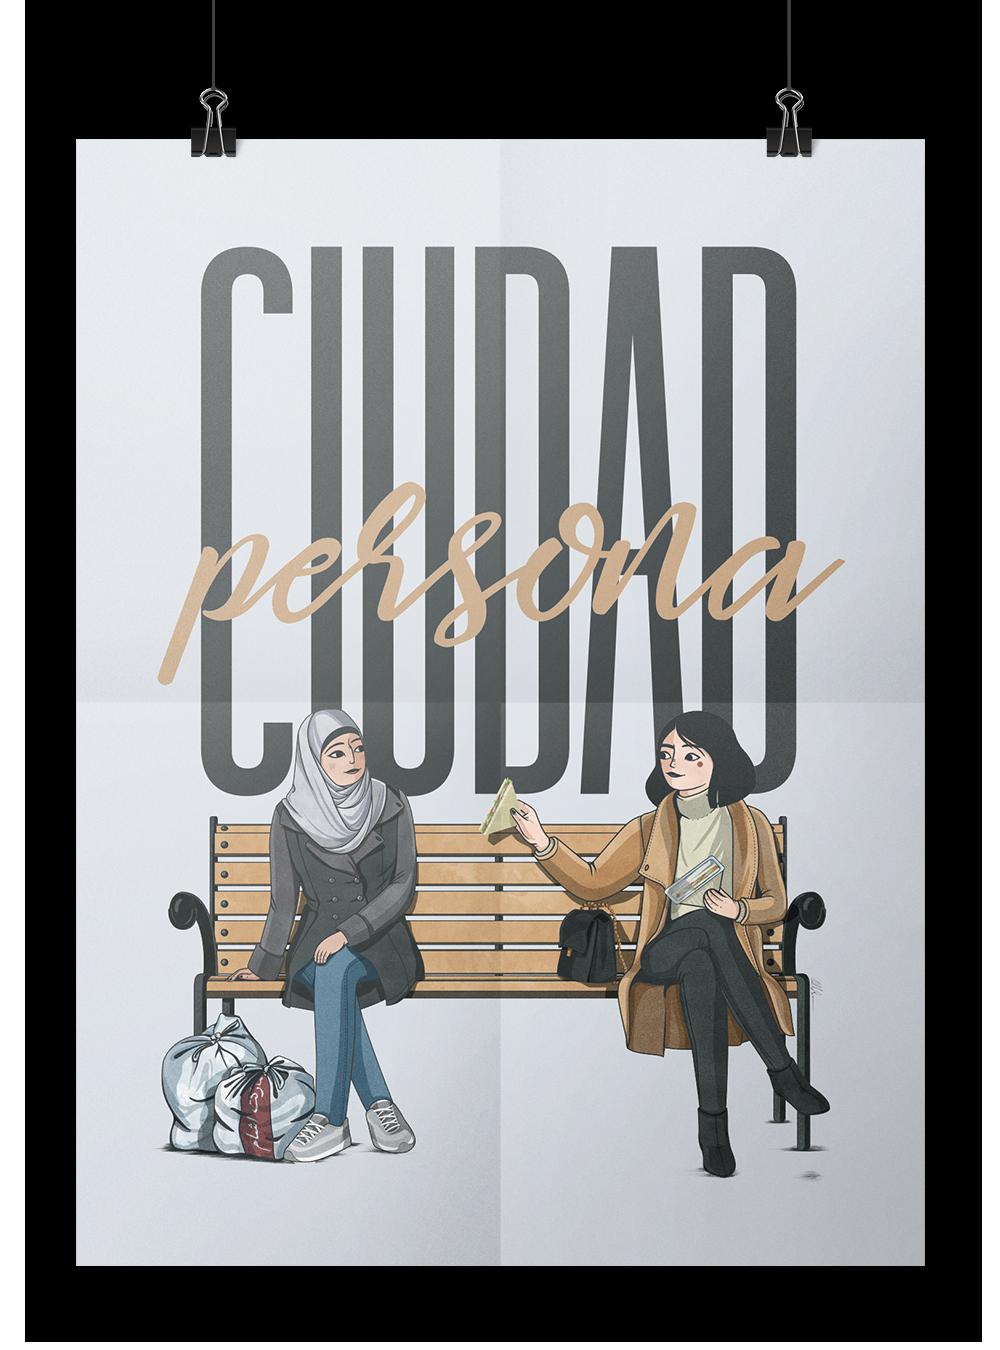 Cartel de ciudad persona con mujer refugiada